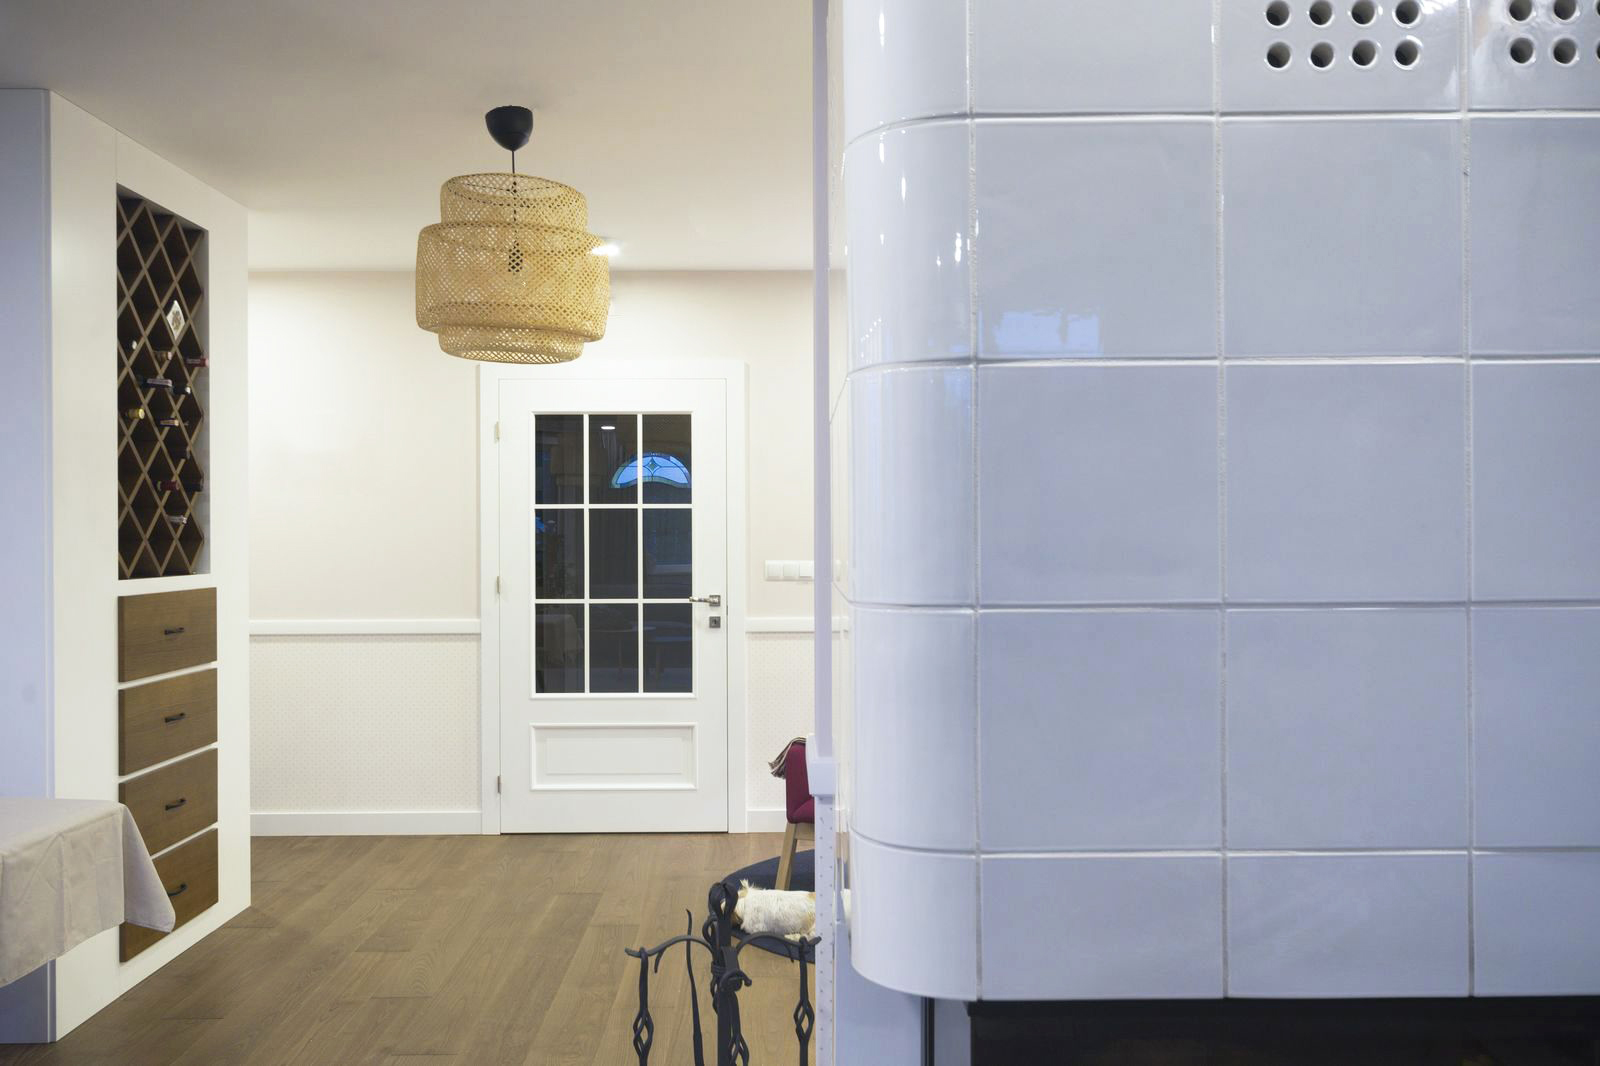 Ogromny Dom w stylu Prowansalskim | Proj: Tworzywo Studio | IH - Internity RW74